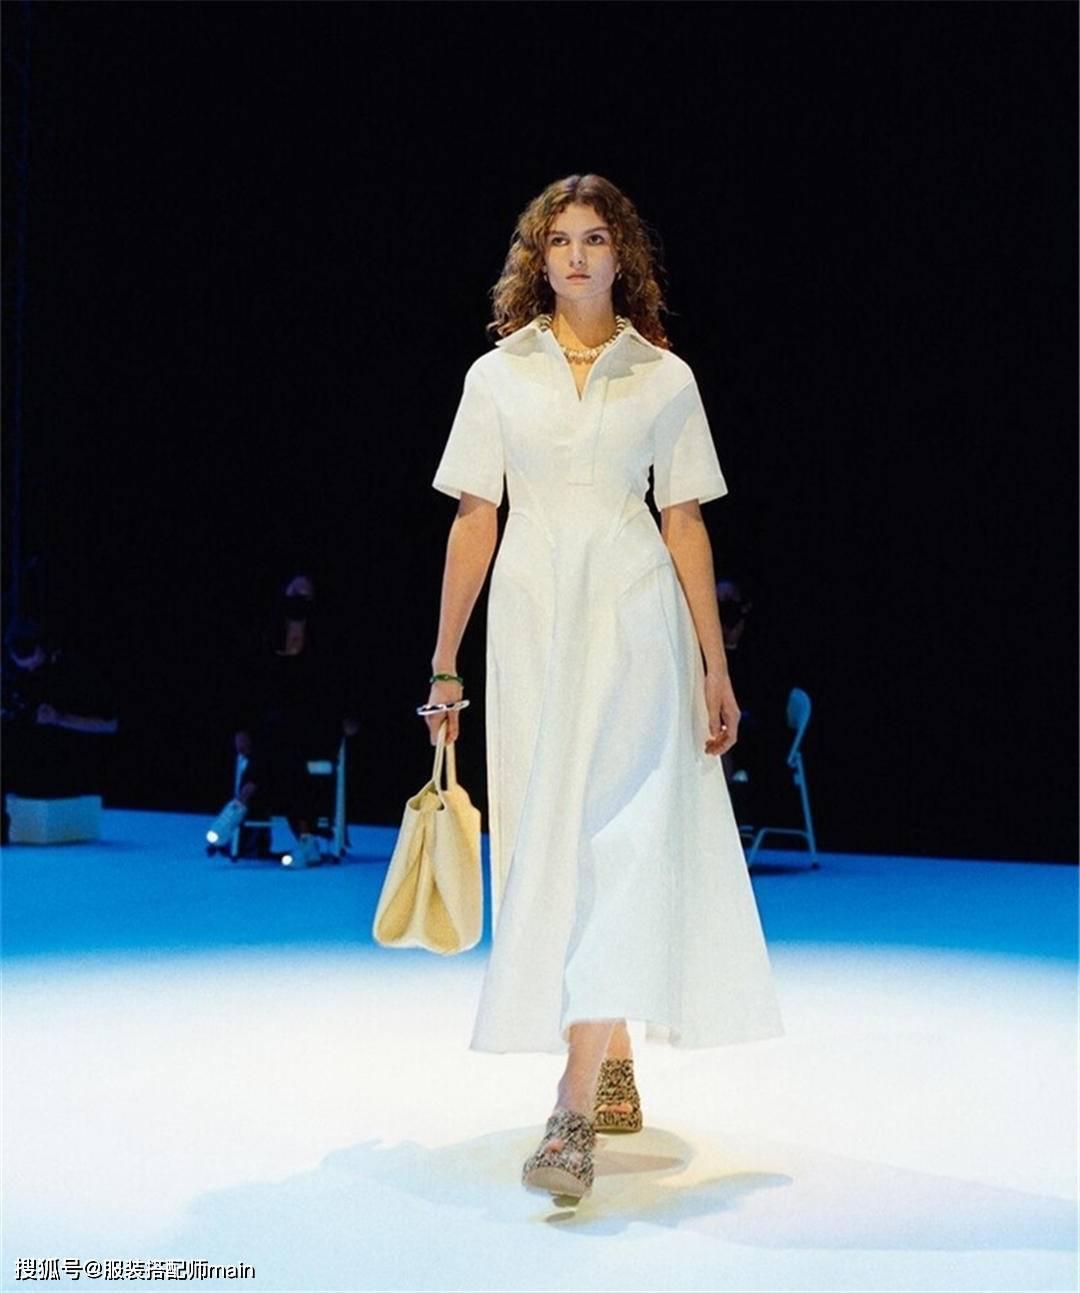 【皮肤黑黄穿什么显白】皮肤黑黄穿连衣裙怎么才能显肤白?